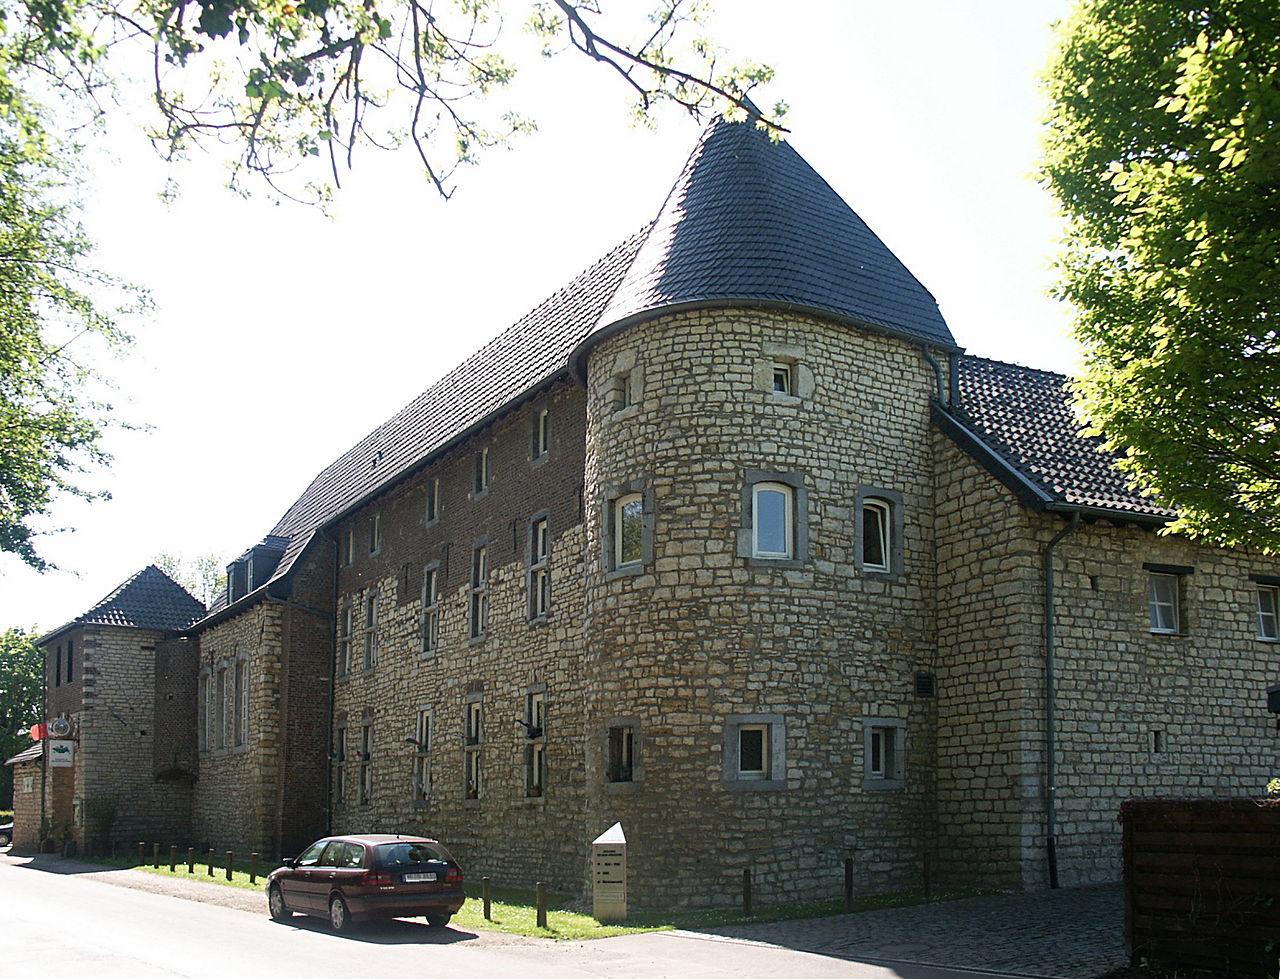 Bild Burg Seffent Aachen